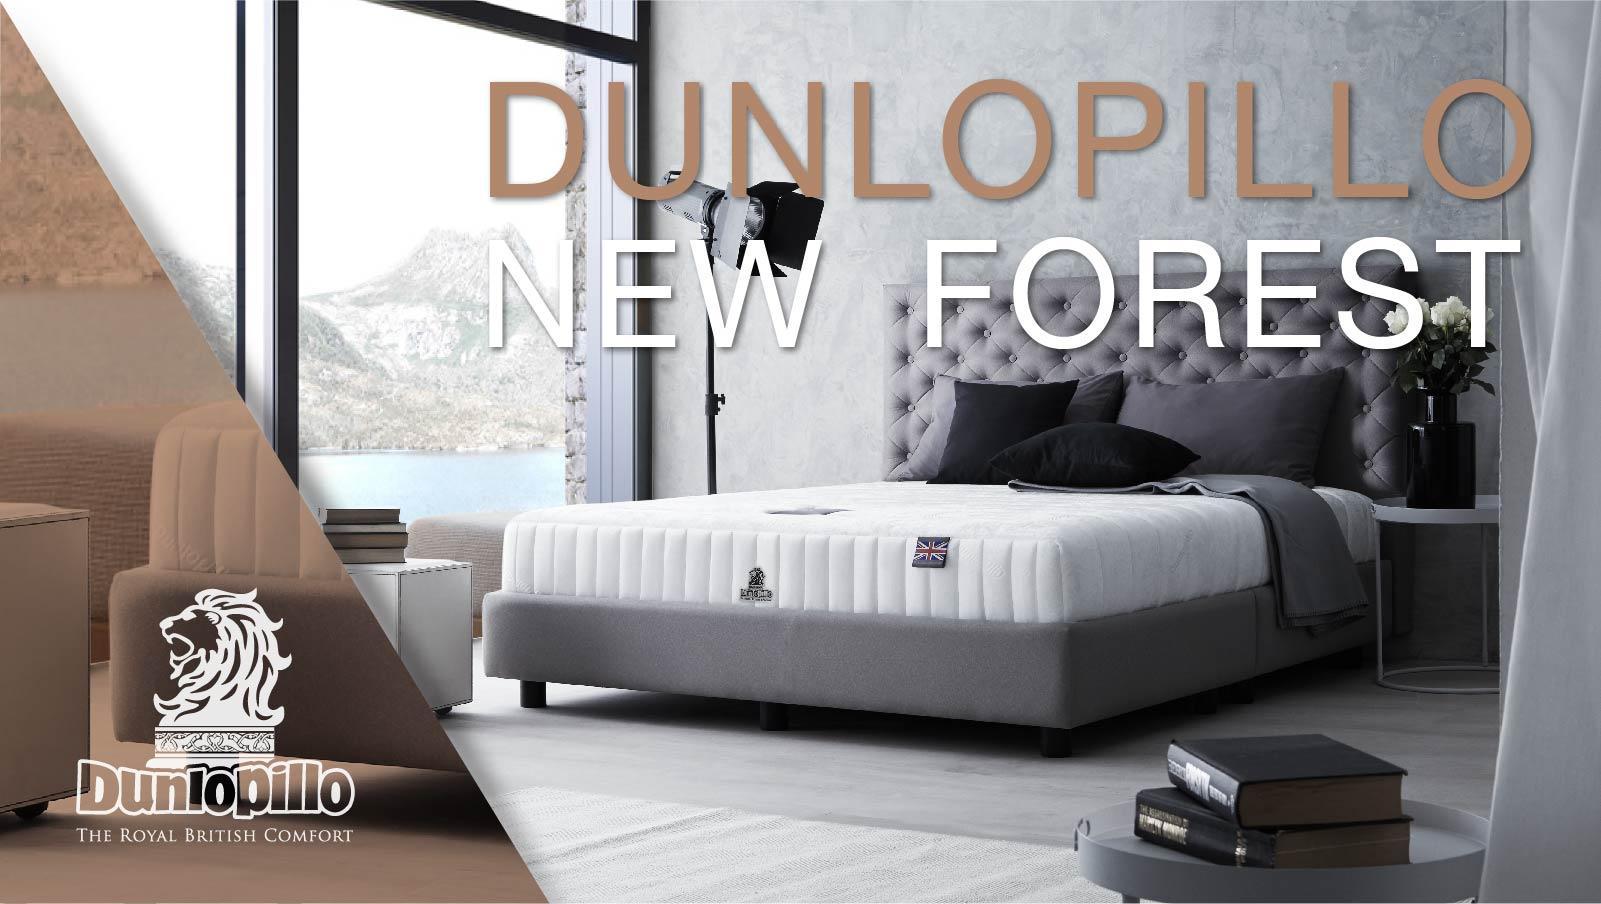 Dunlopillo Mattress - New Forest